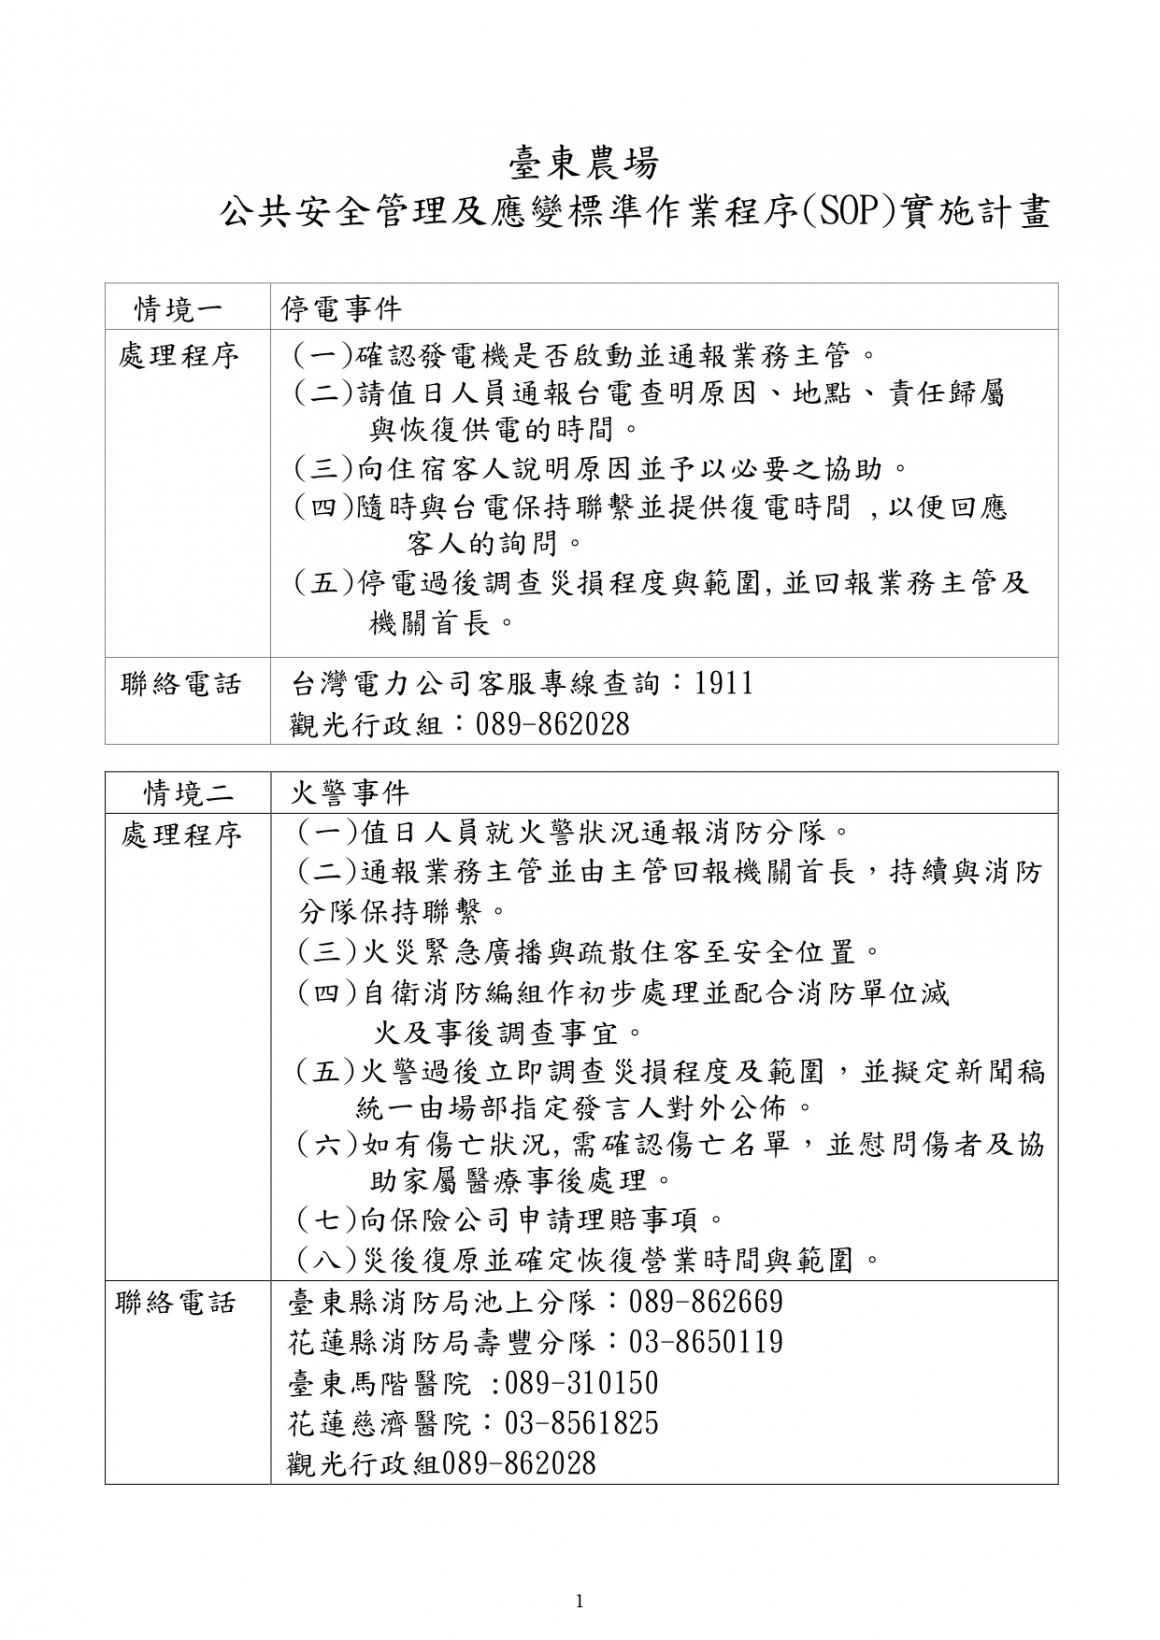 臺東農場應變程序正式版_page-0001